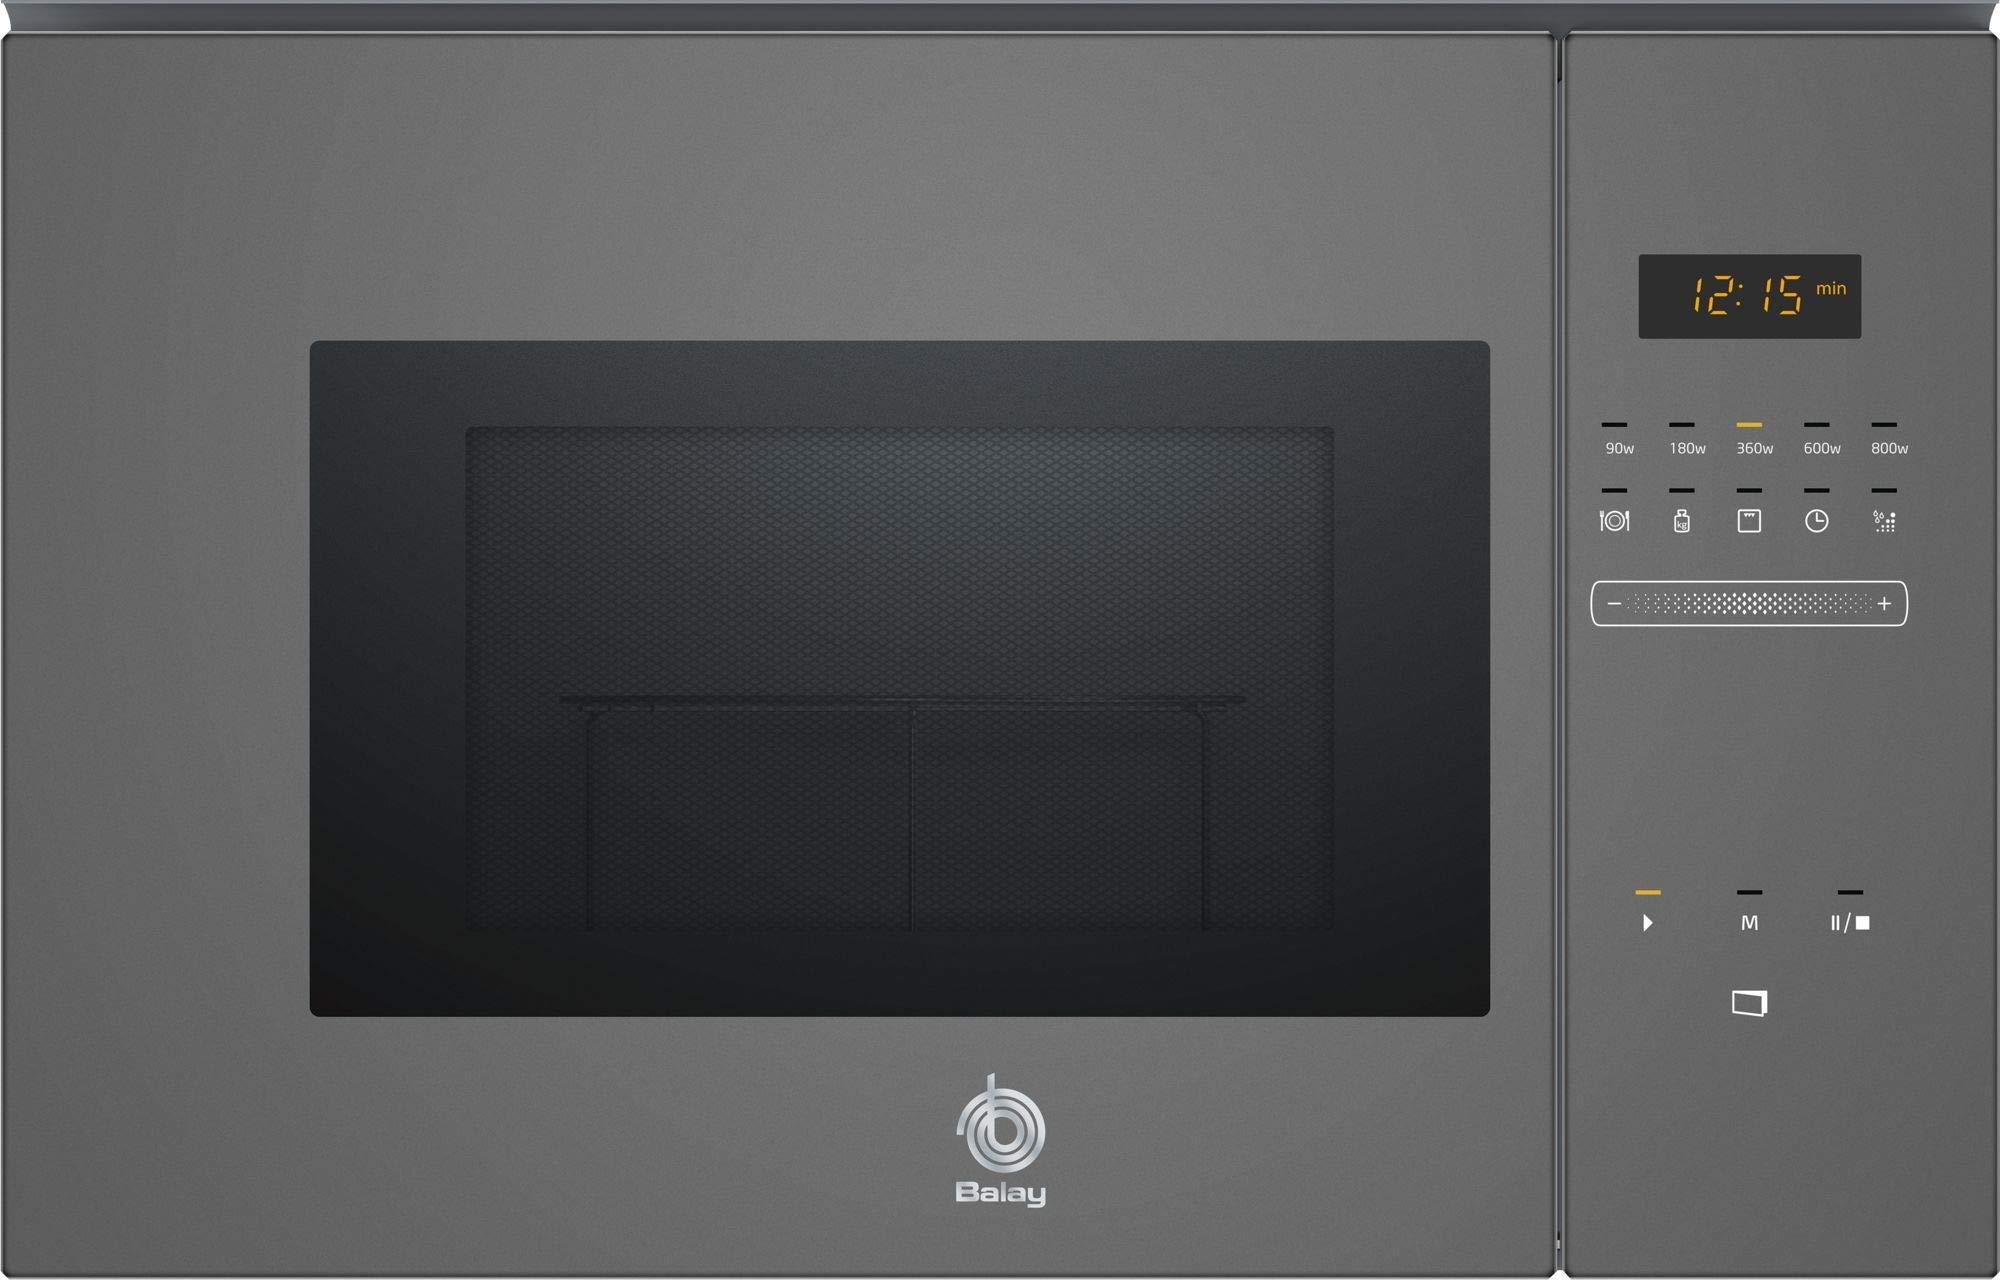 Balay 3CG5172A0 - Microondas integrable / encastre con grill ...